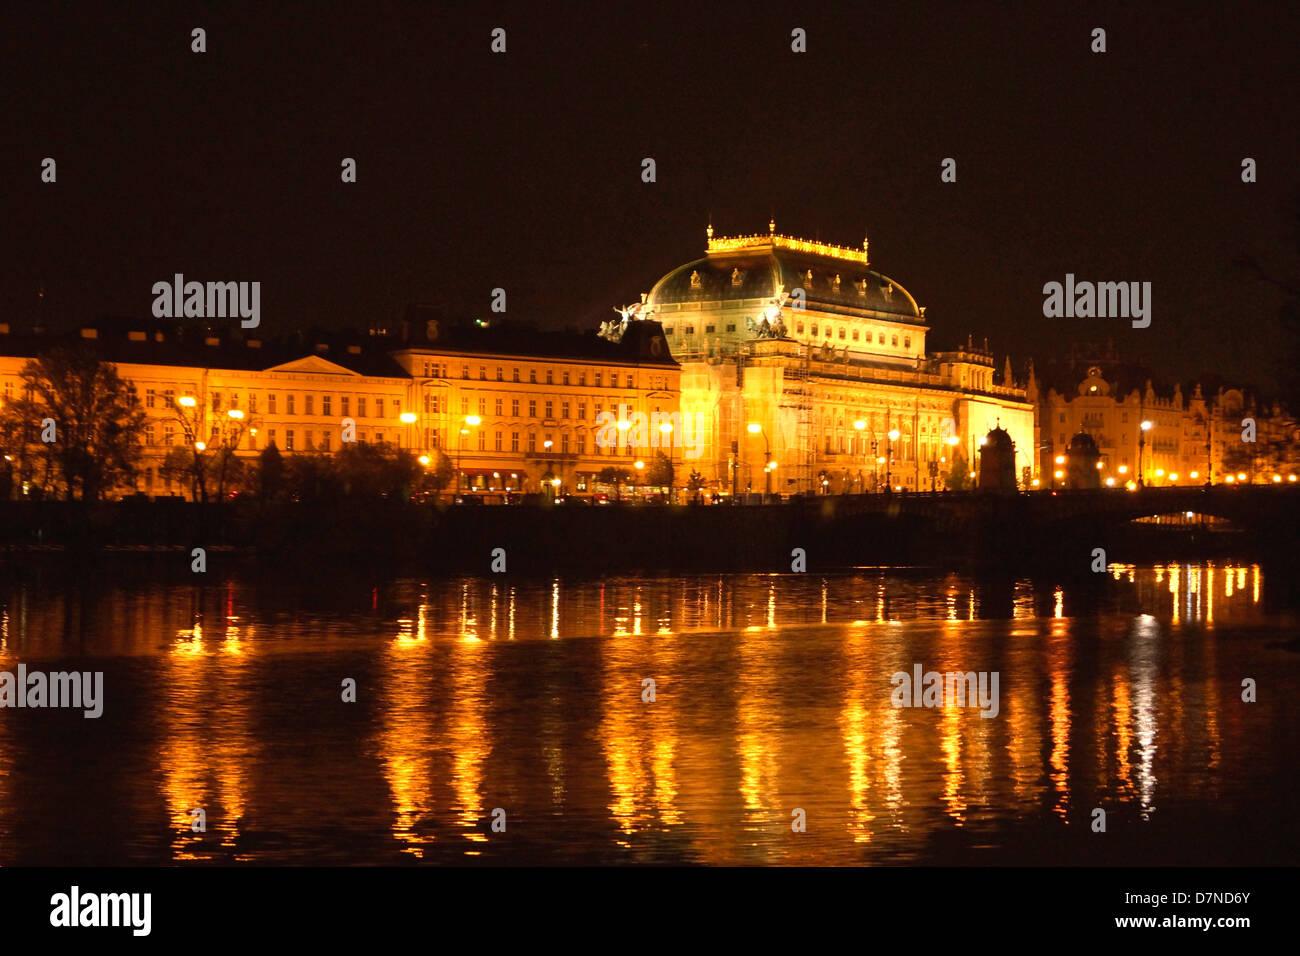 Vista notturna dal fiume Vltava, Praga, guardando verso la Czech National Theatre Immagini Stock